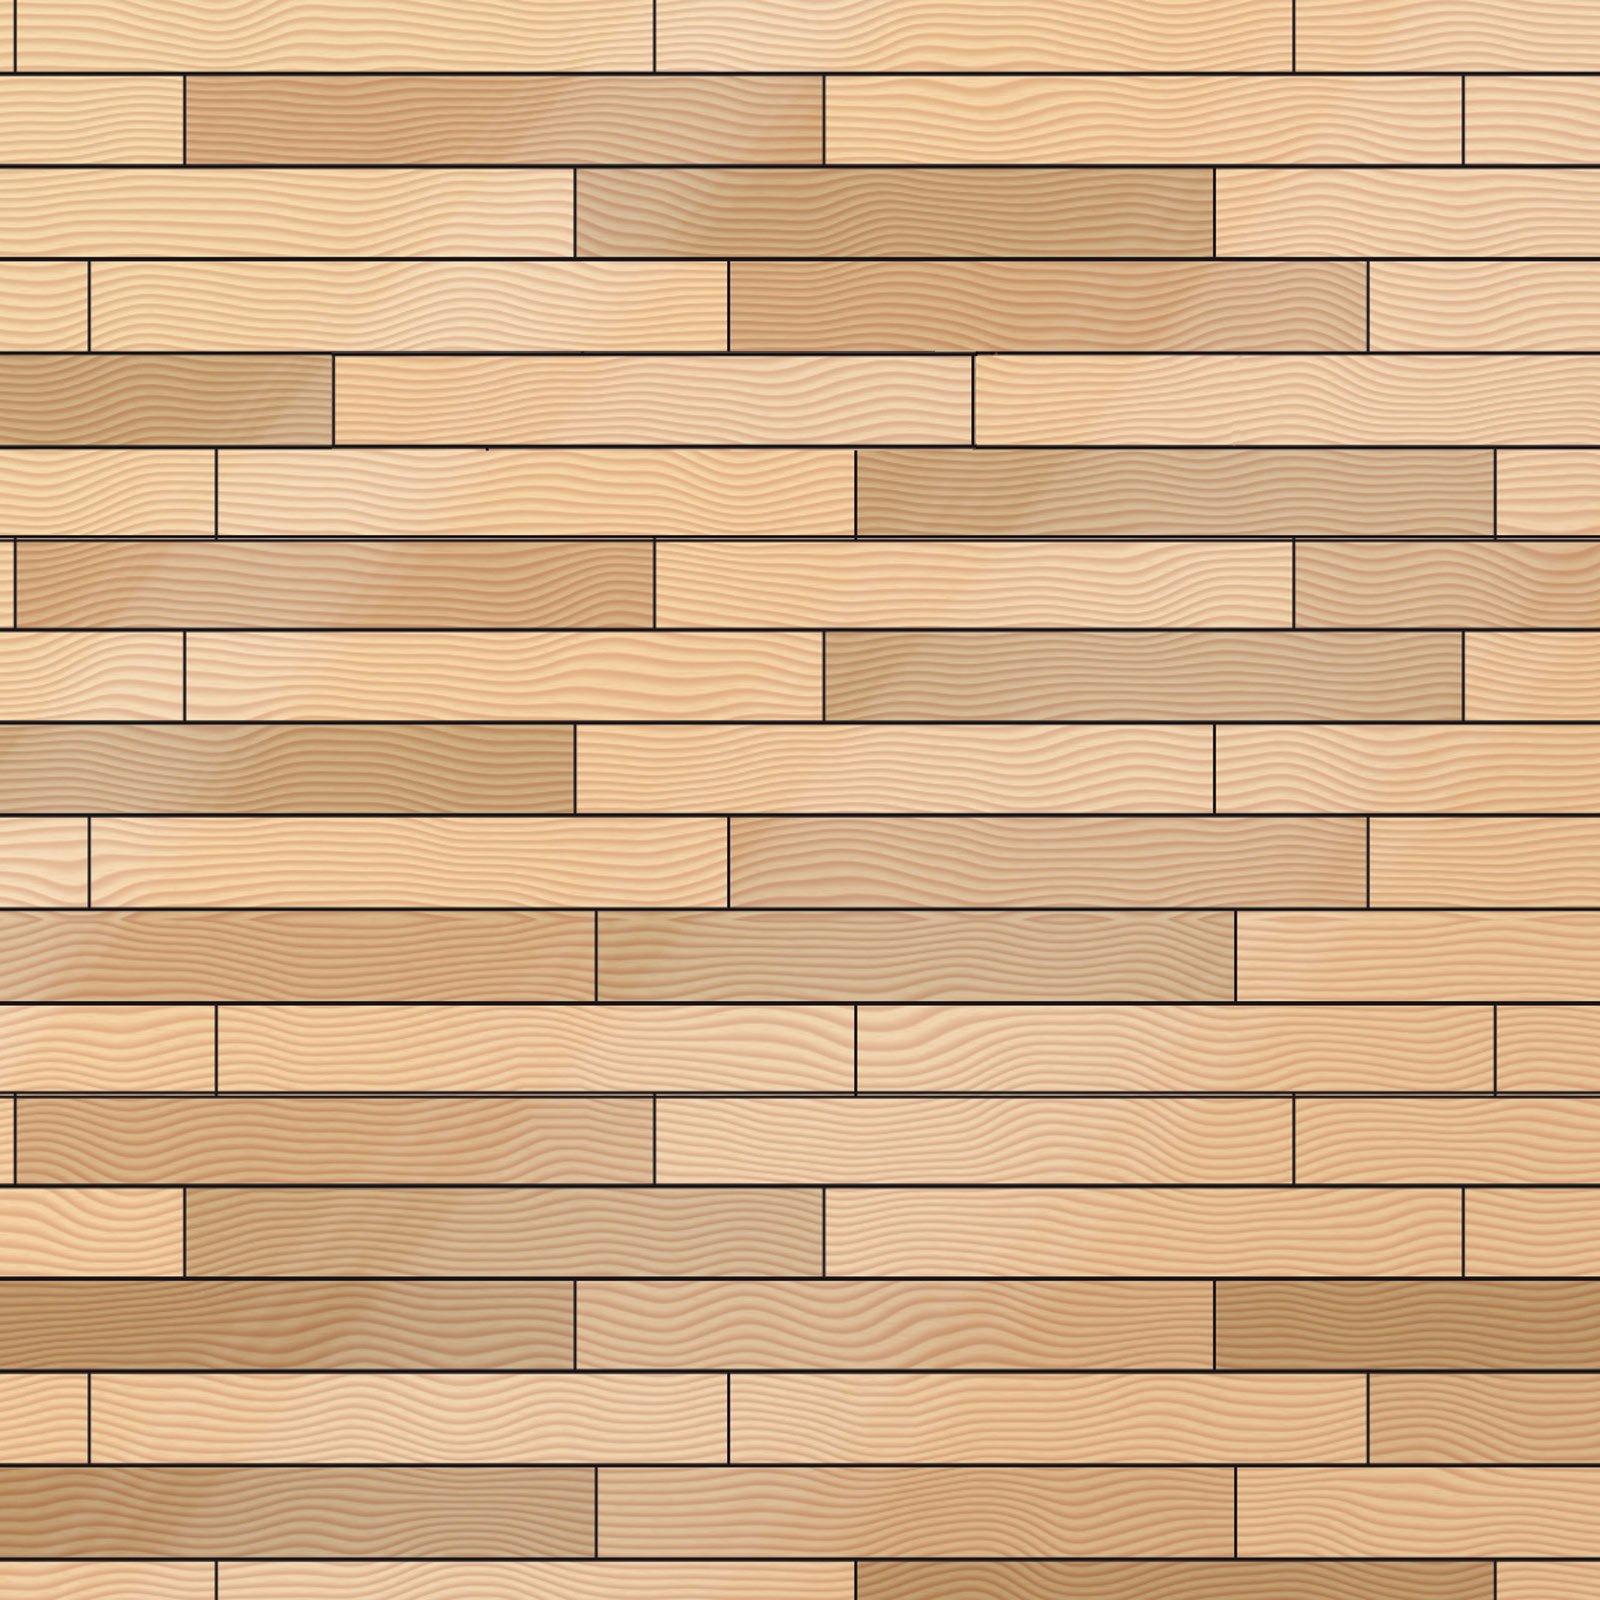 Parquet geometrie e tipi di posa cose di casa - Tipi di posa piastrelle ...